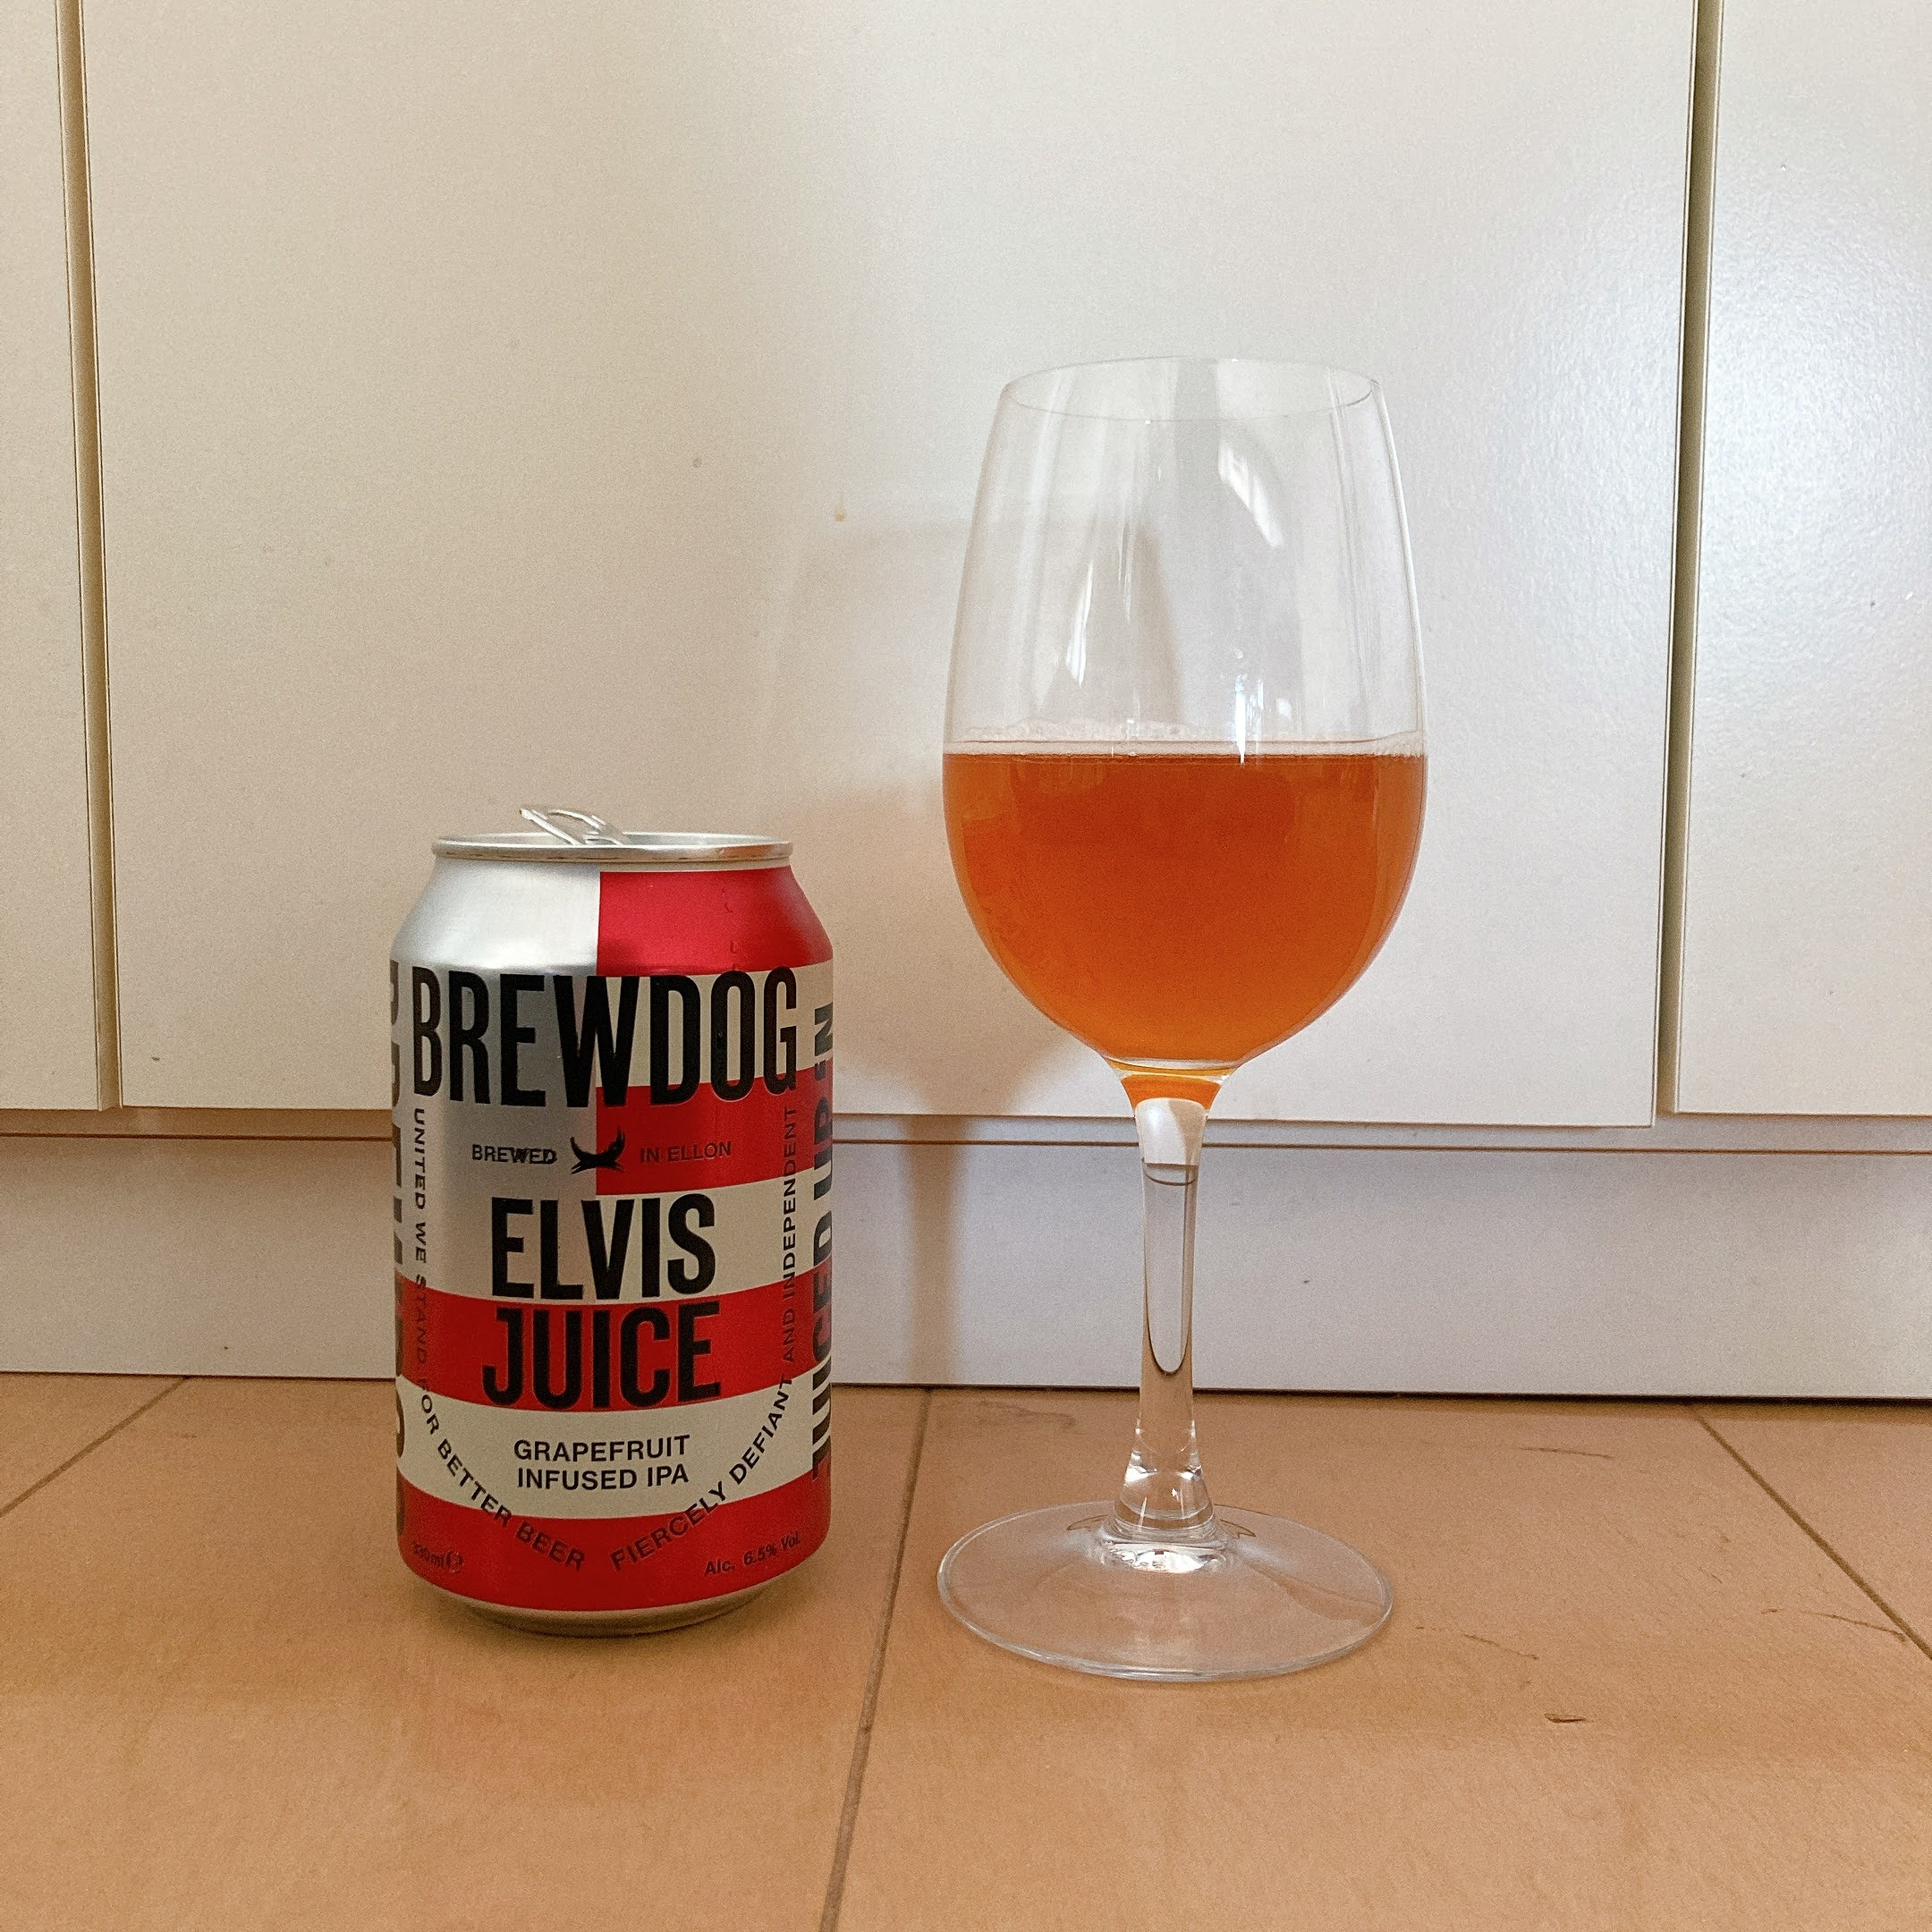 ブリュードッグ エルビスジュース BREWDOG ELVIS JUICE グレープフルーツインフューズドIPA